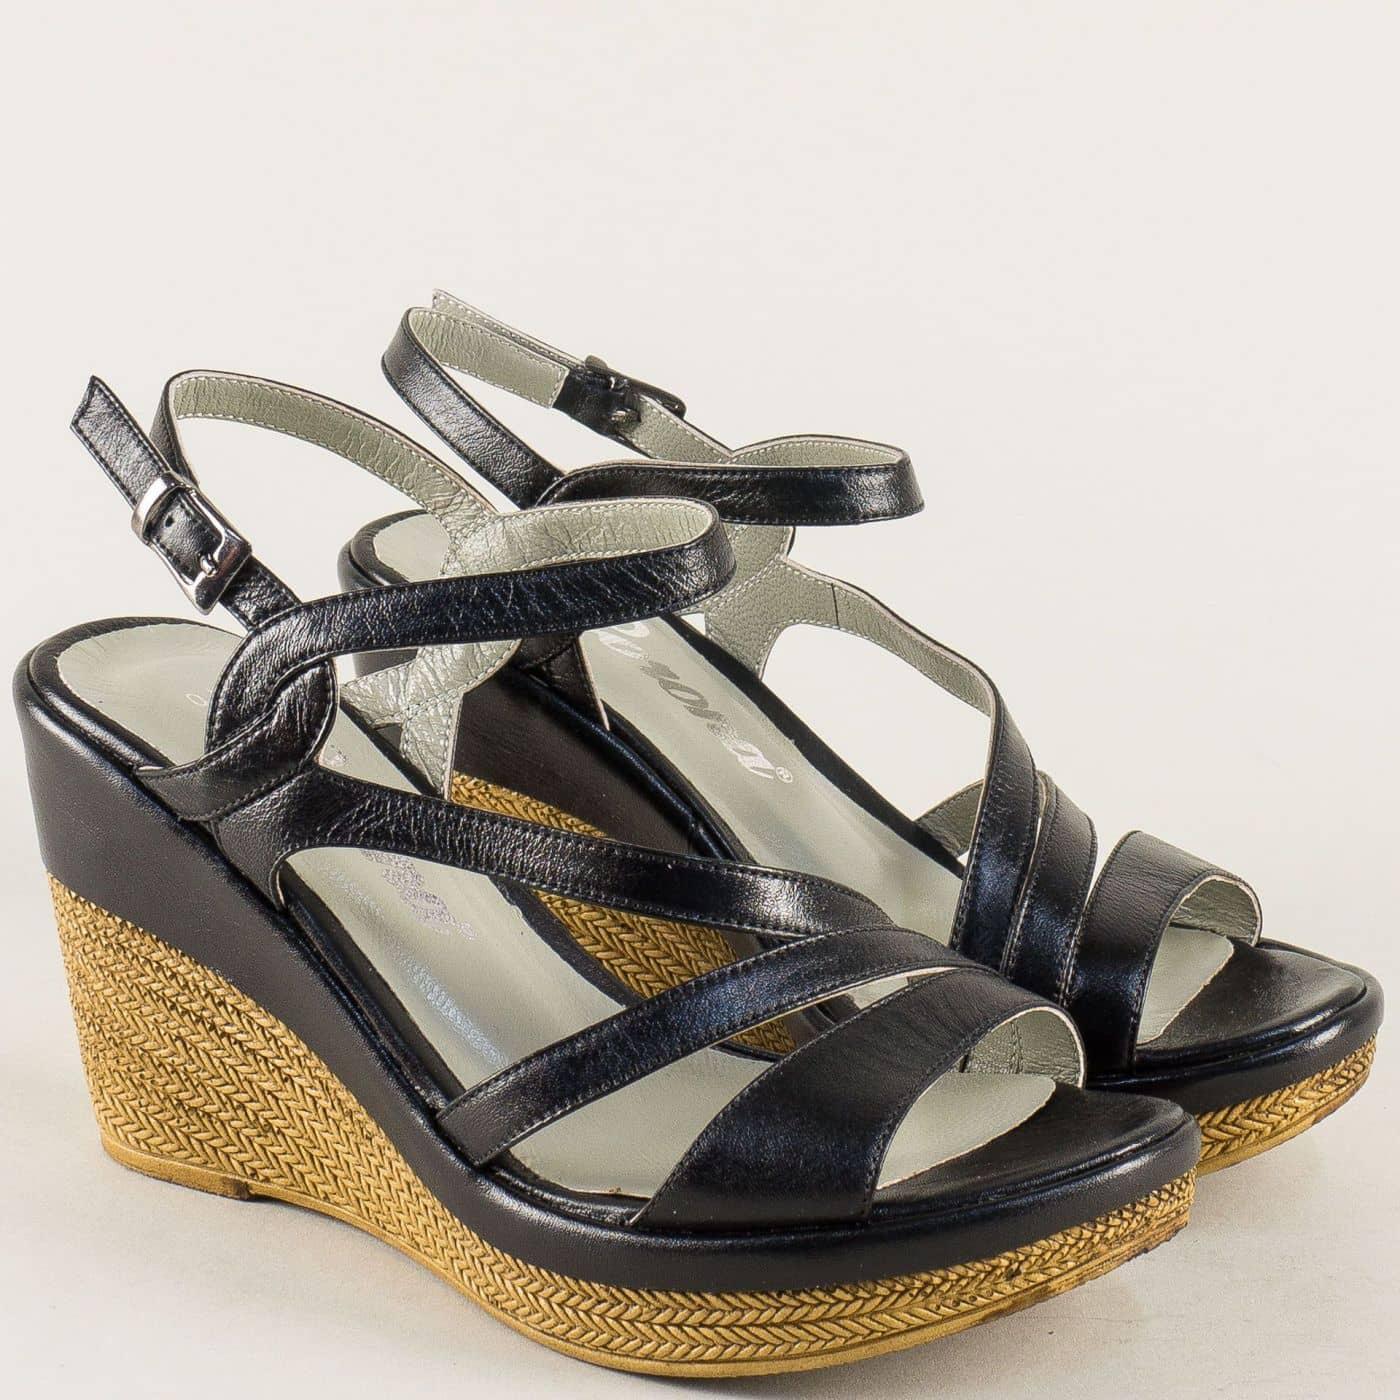 9edbffa1e66 Черни дамски сандали на платформа от естествена кожа 0120ch - Sisi-bg.com